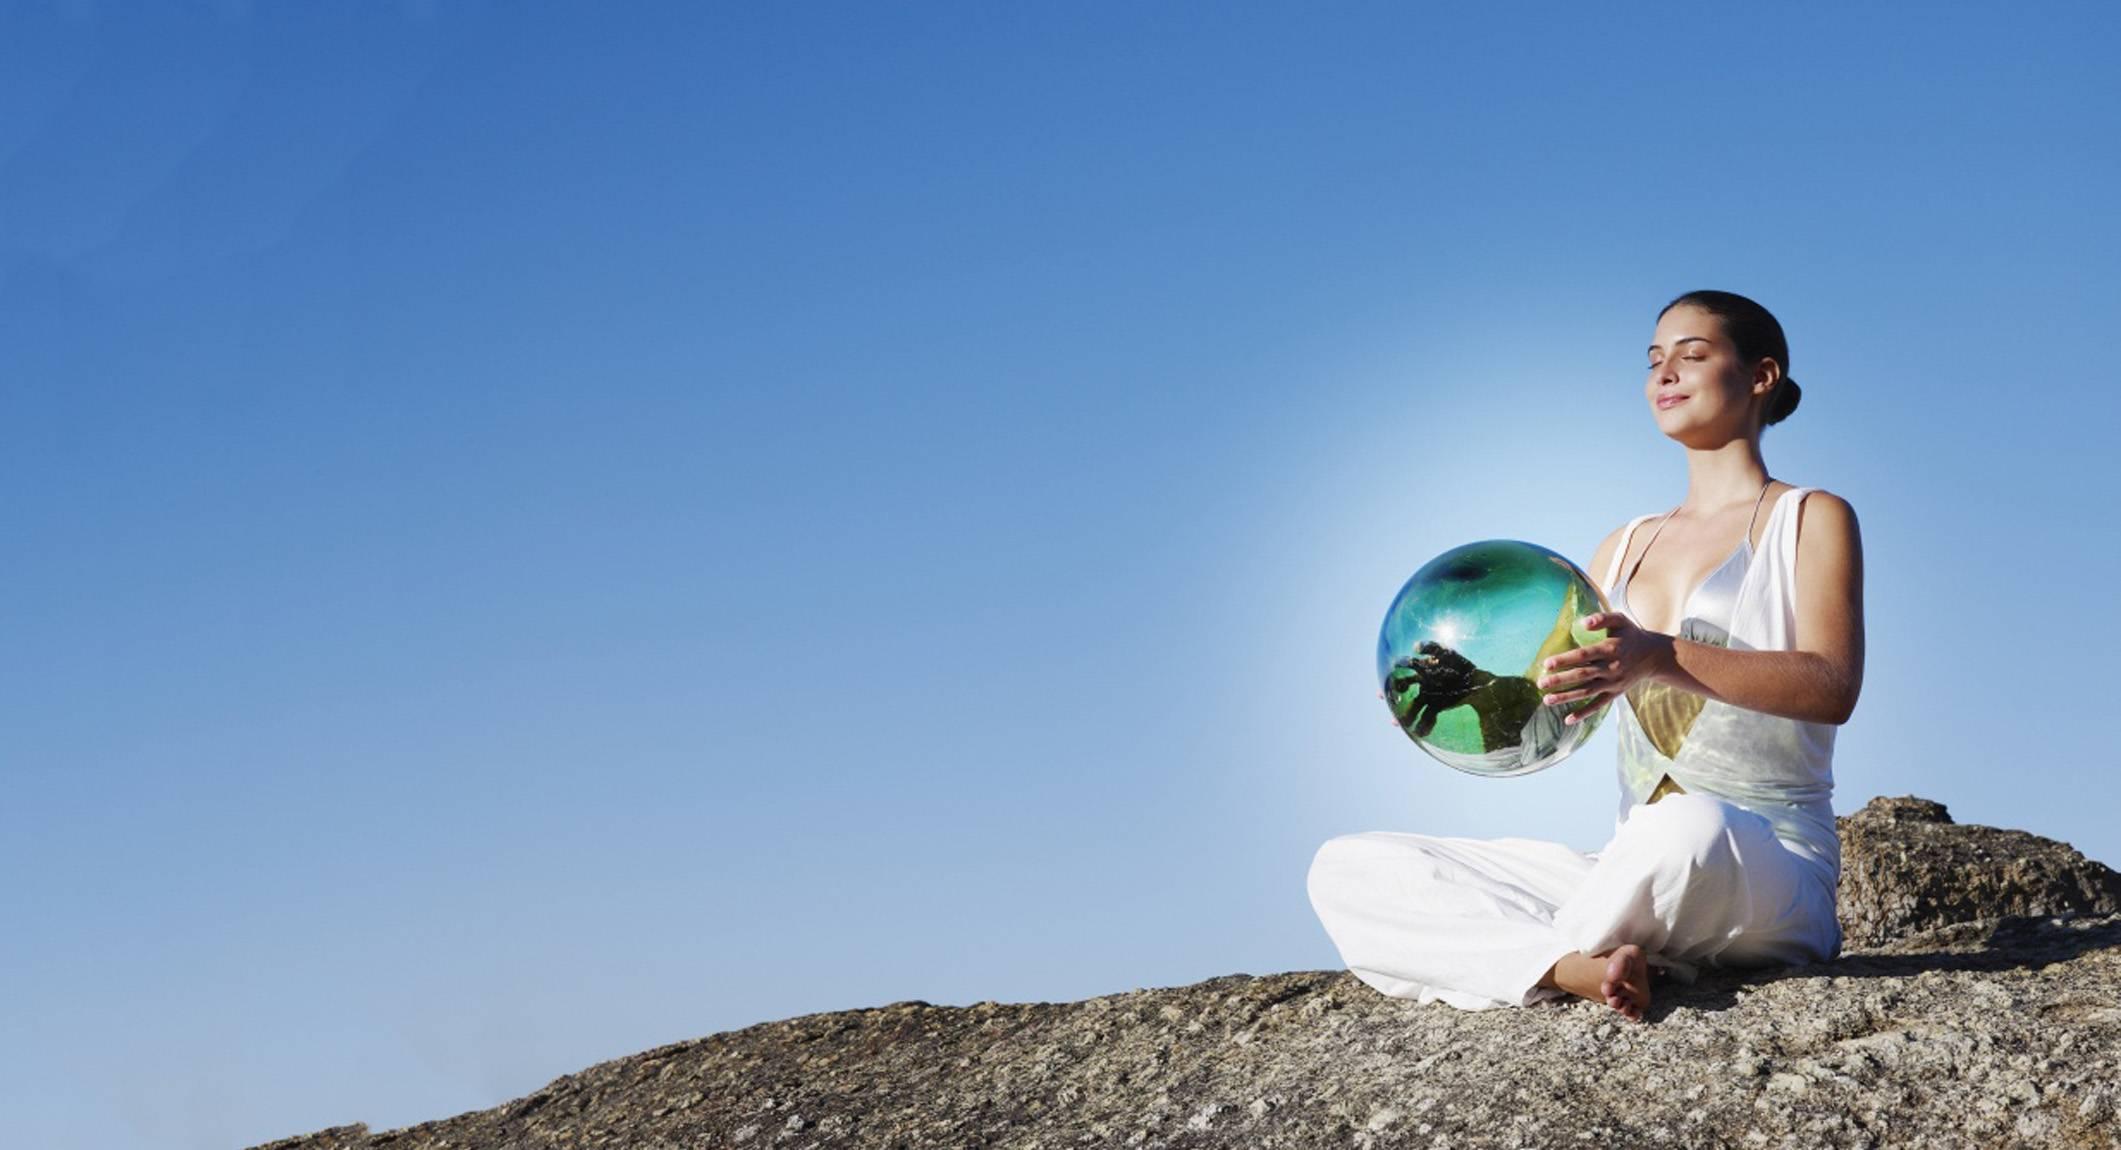 Медитация женственности: раскрытие любви к себе